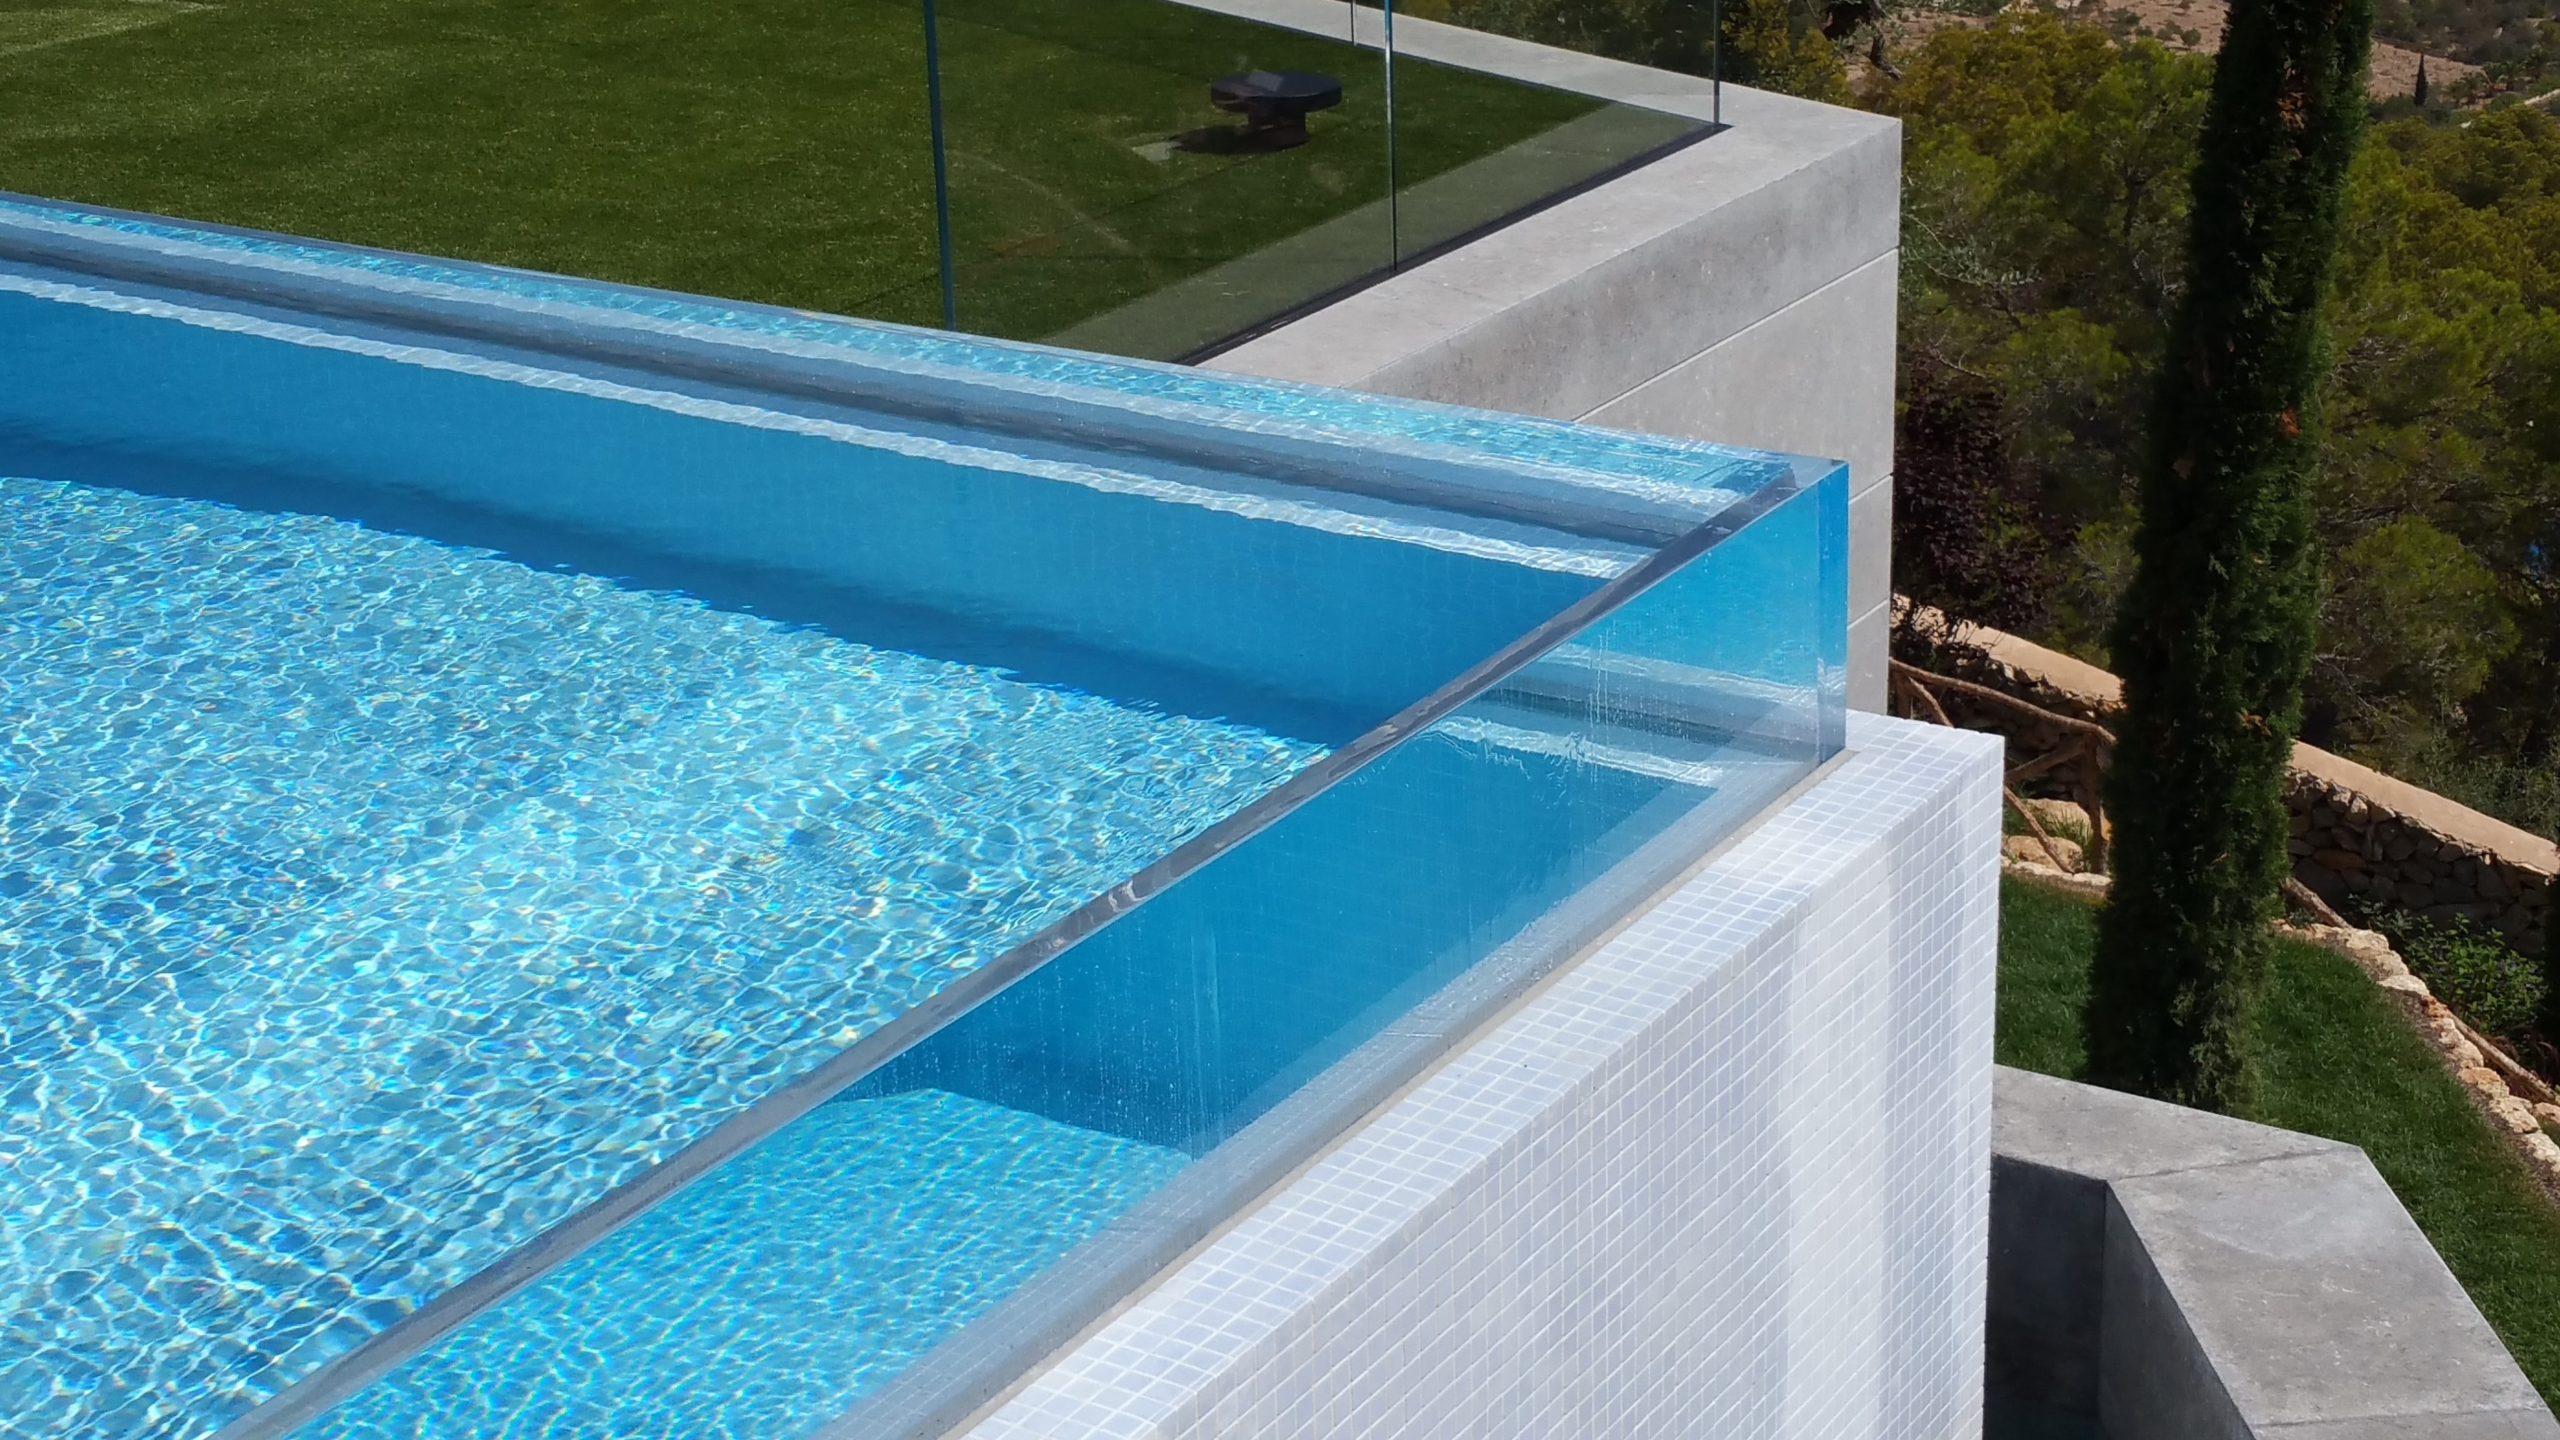 à l'échelle des murs de la piscine